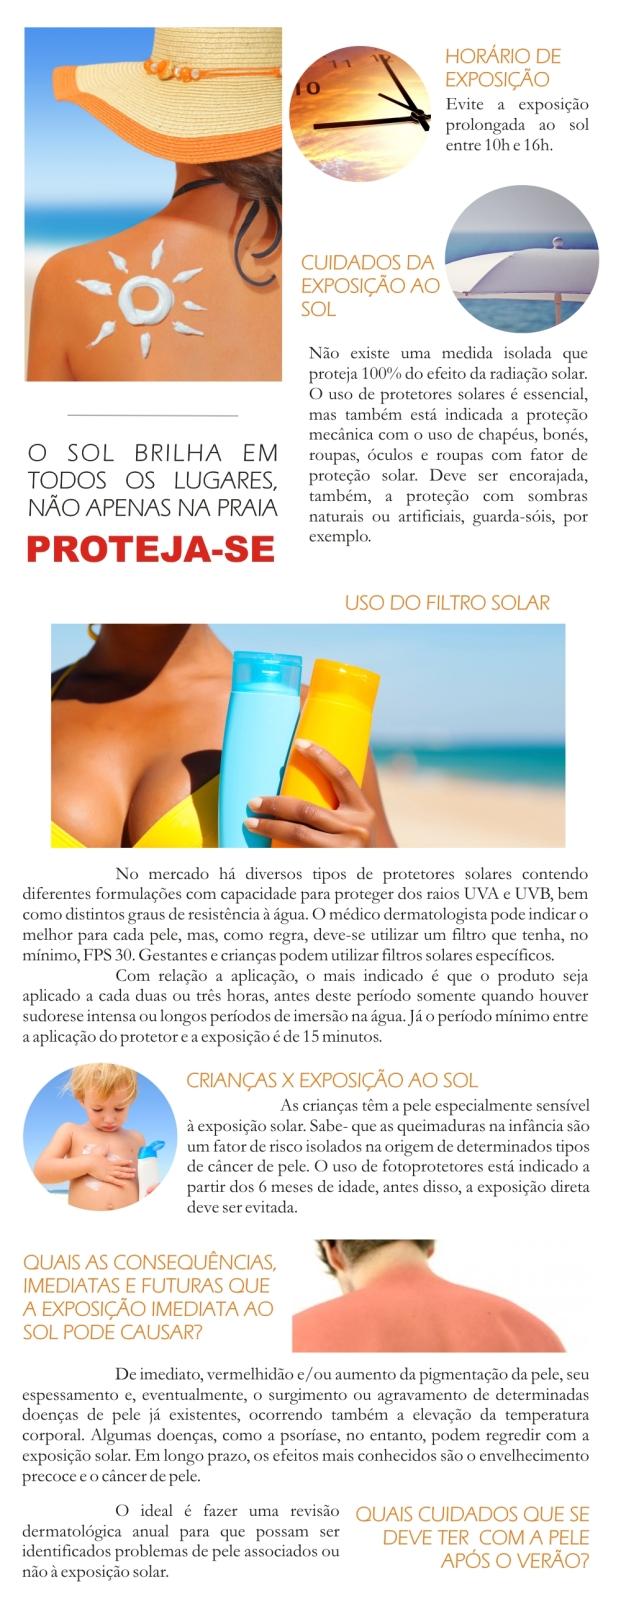 infografico_exposicao_ao_sol